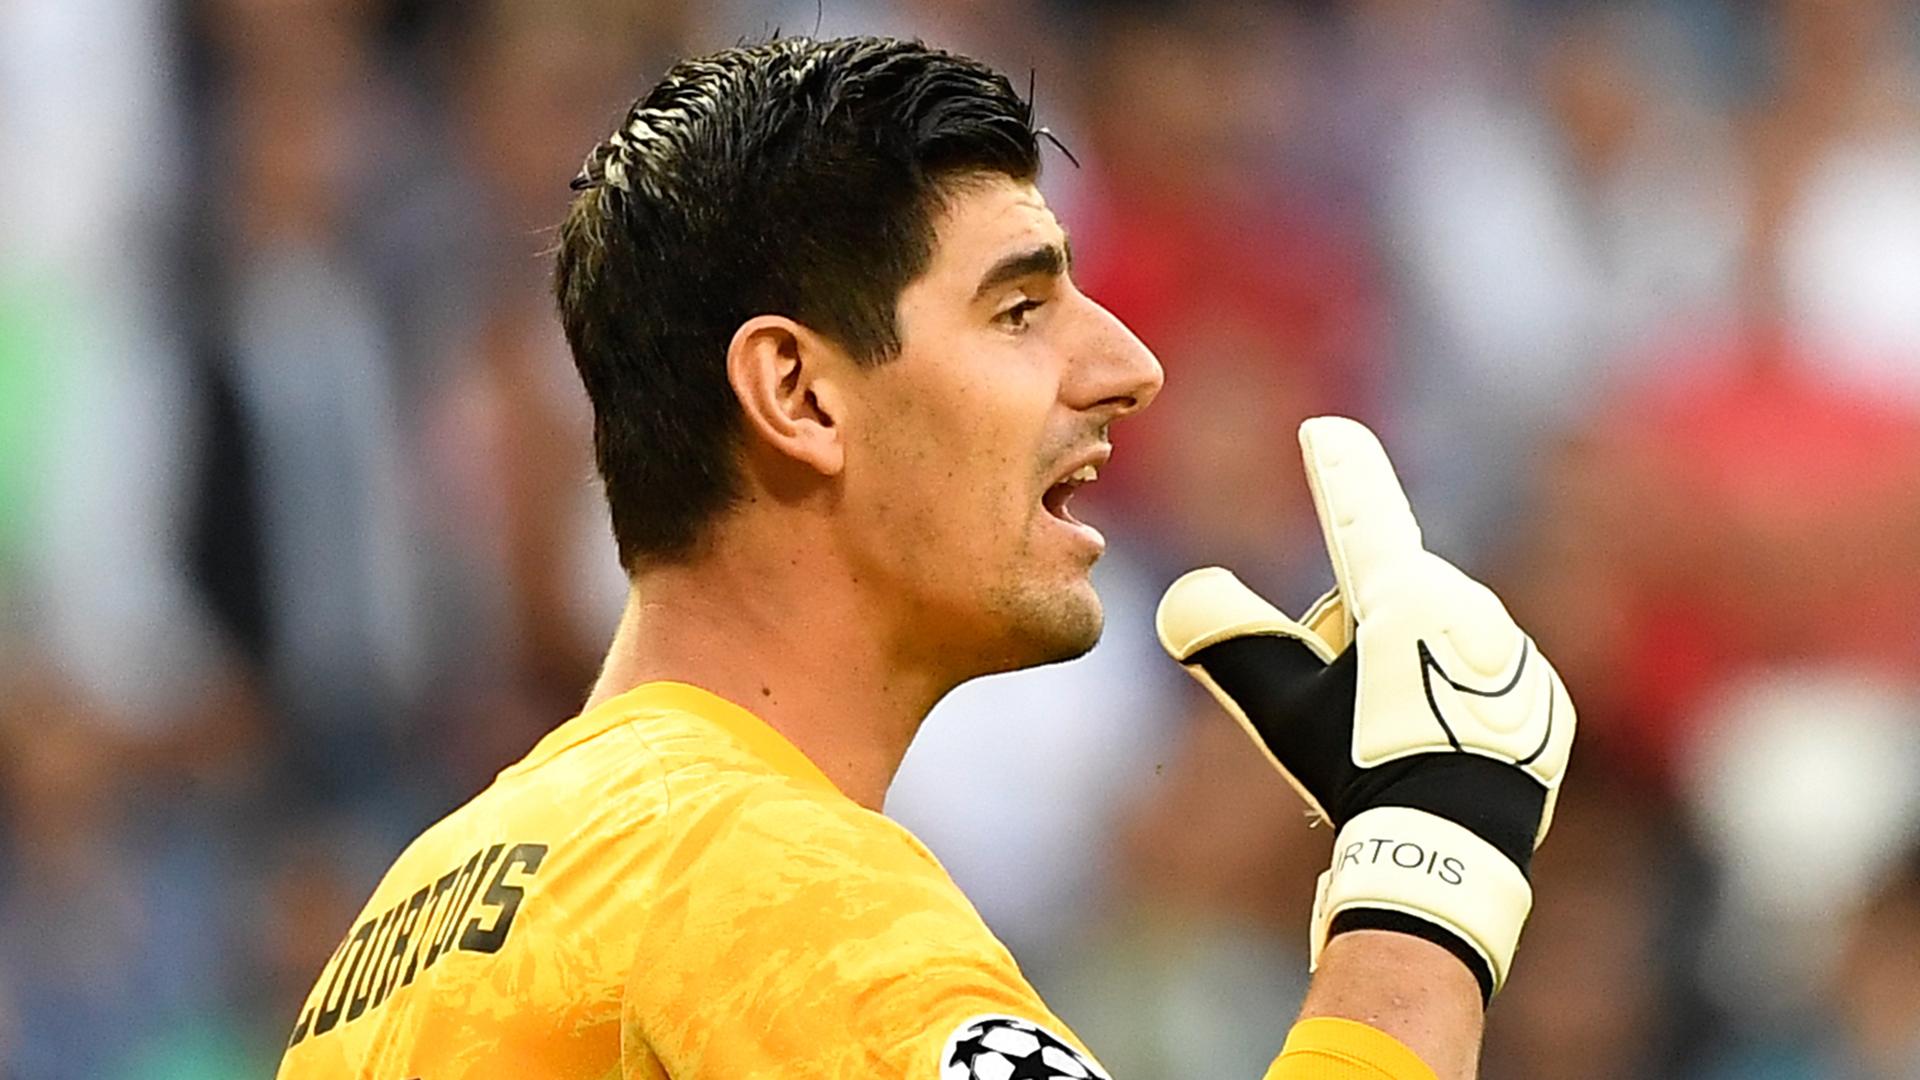 """Real Madrid, Courtois """"n'a pas de problème d'anxiété"""" selon Martinez"""